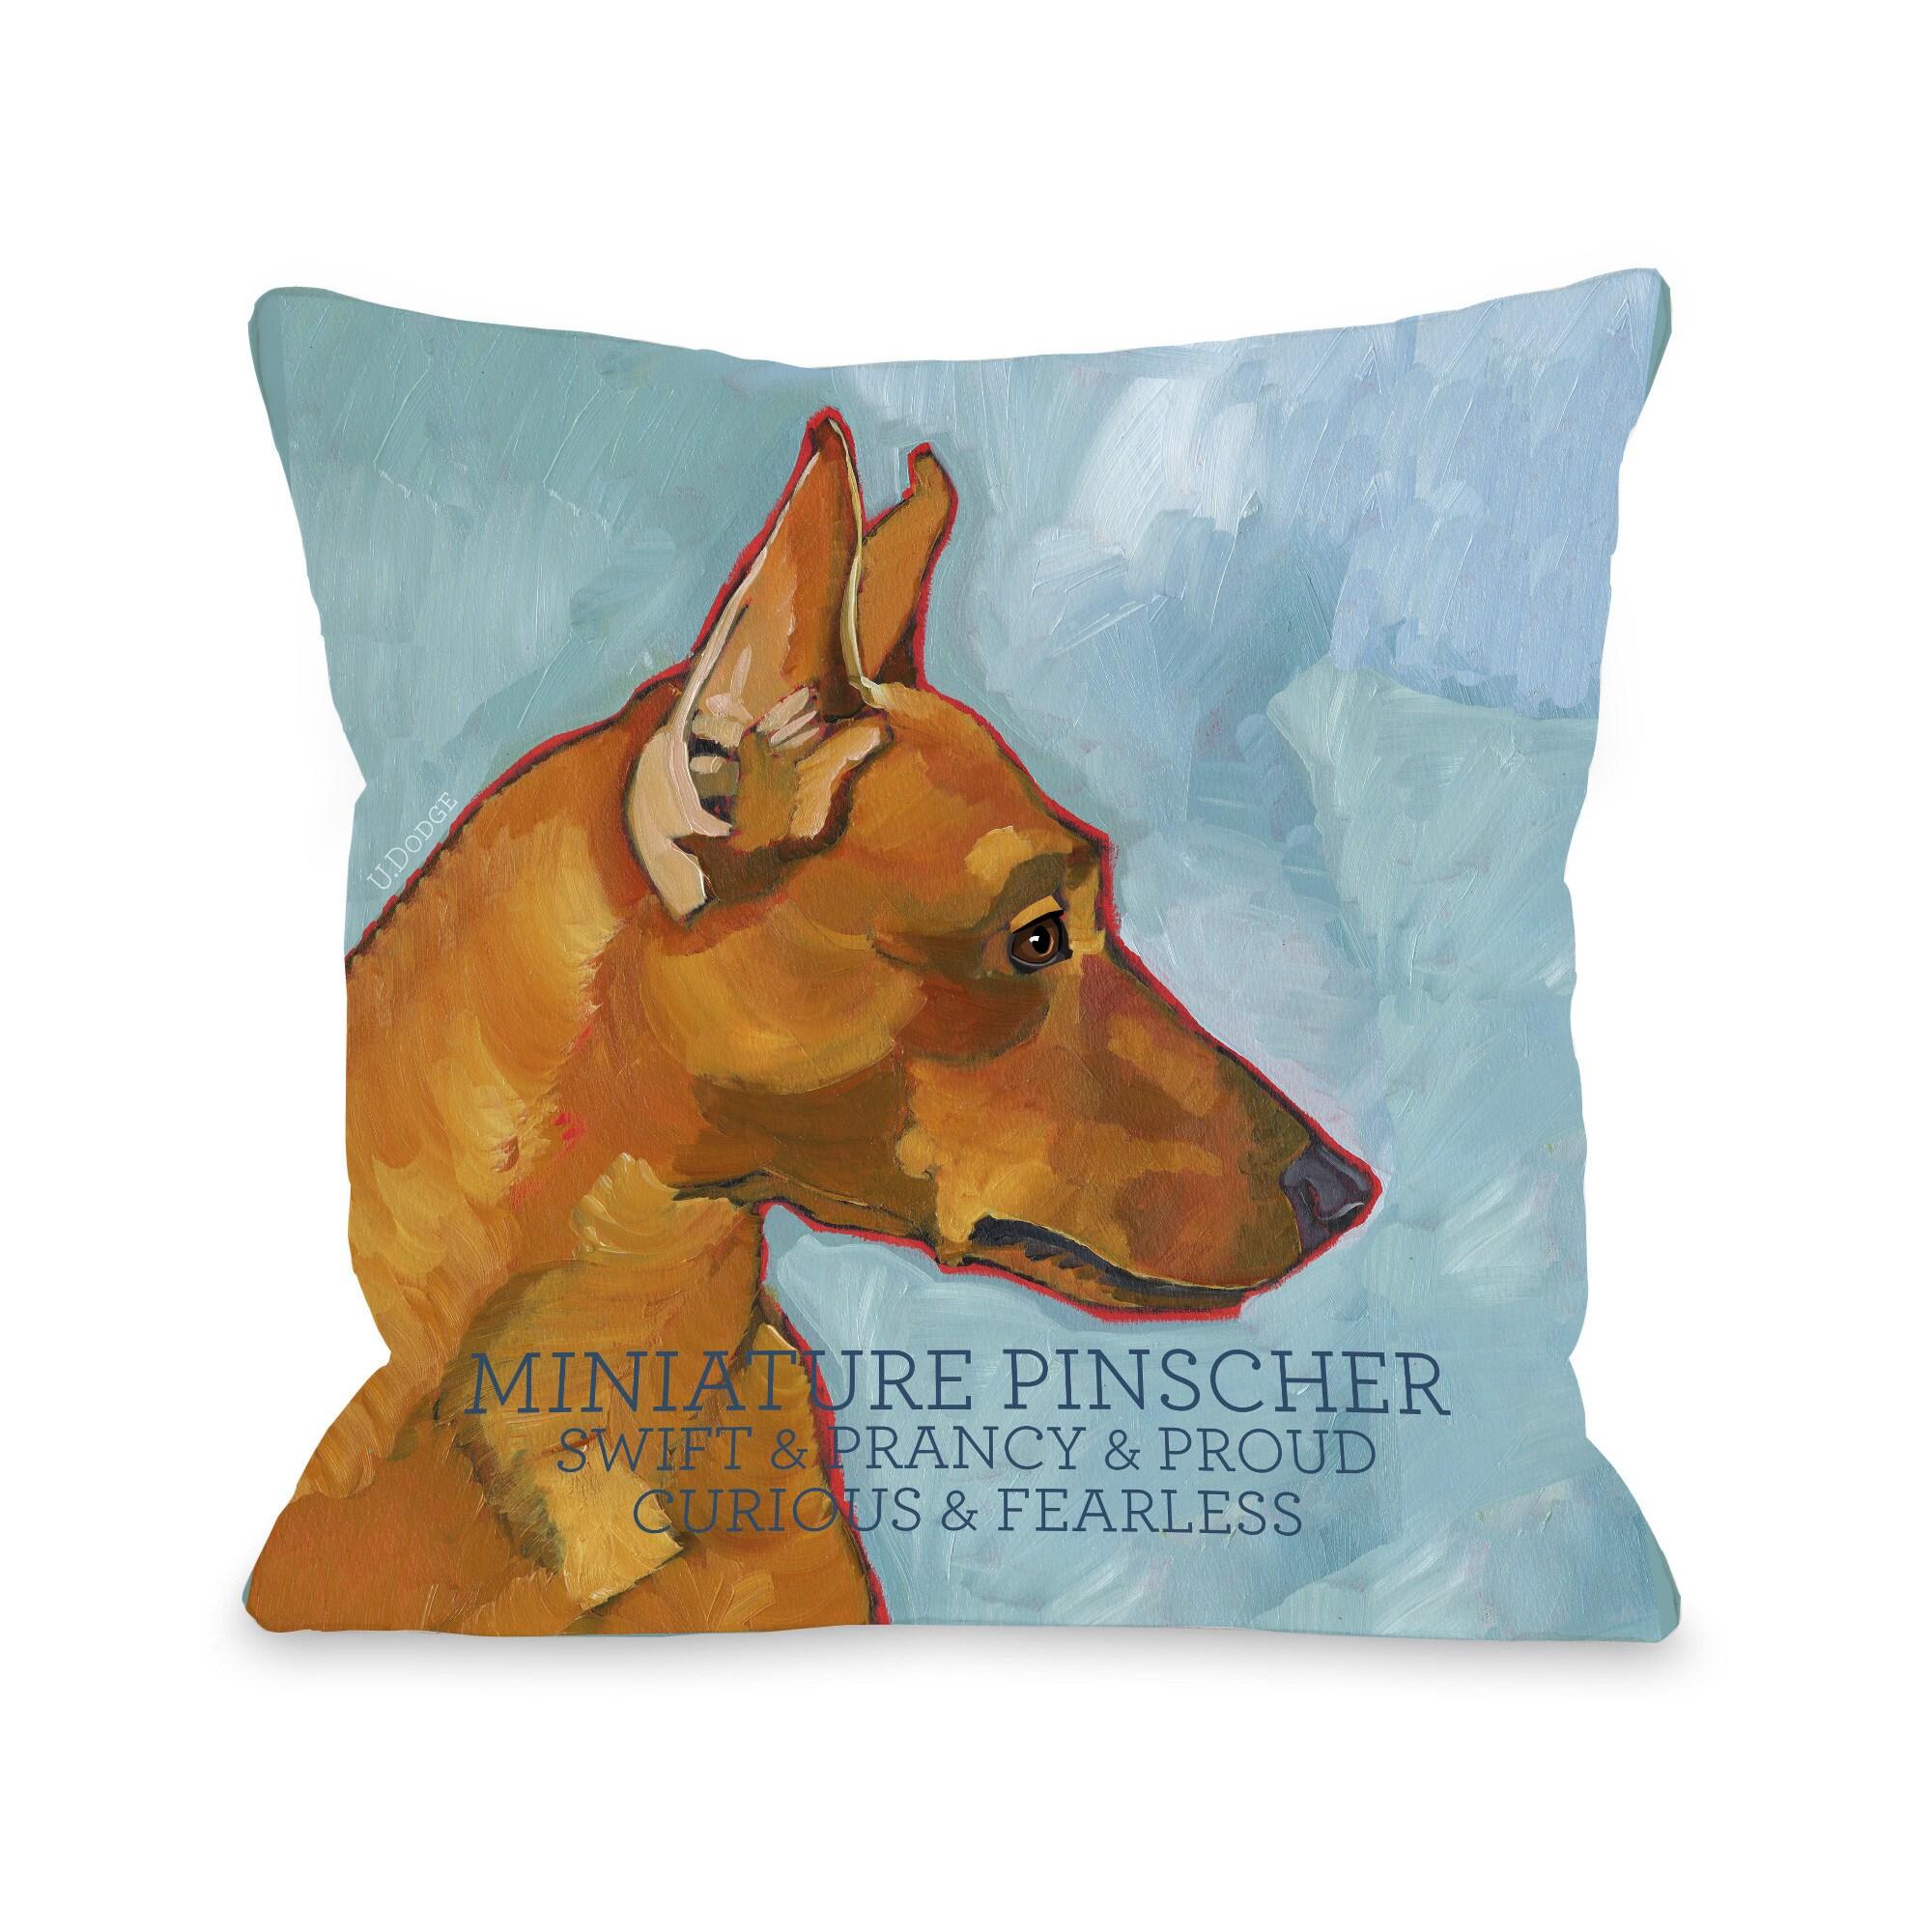 Miniature Pinscher Dog Design Throw Pillow (26 x 26 Pillo...